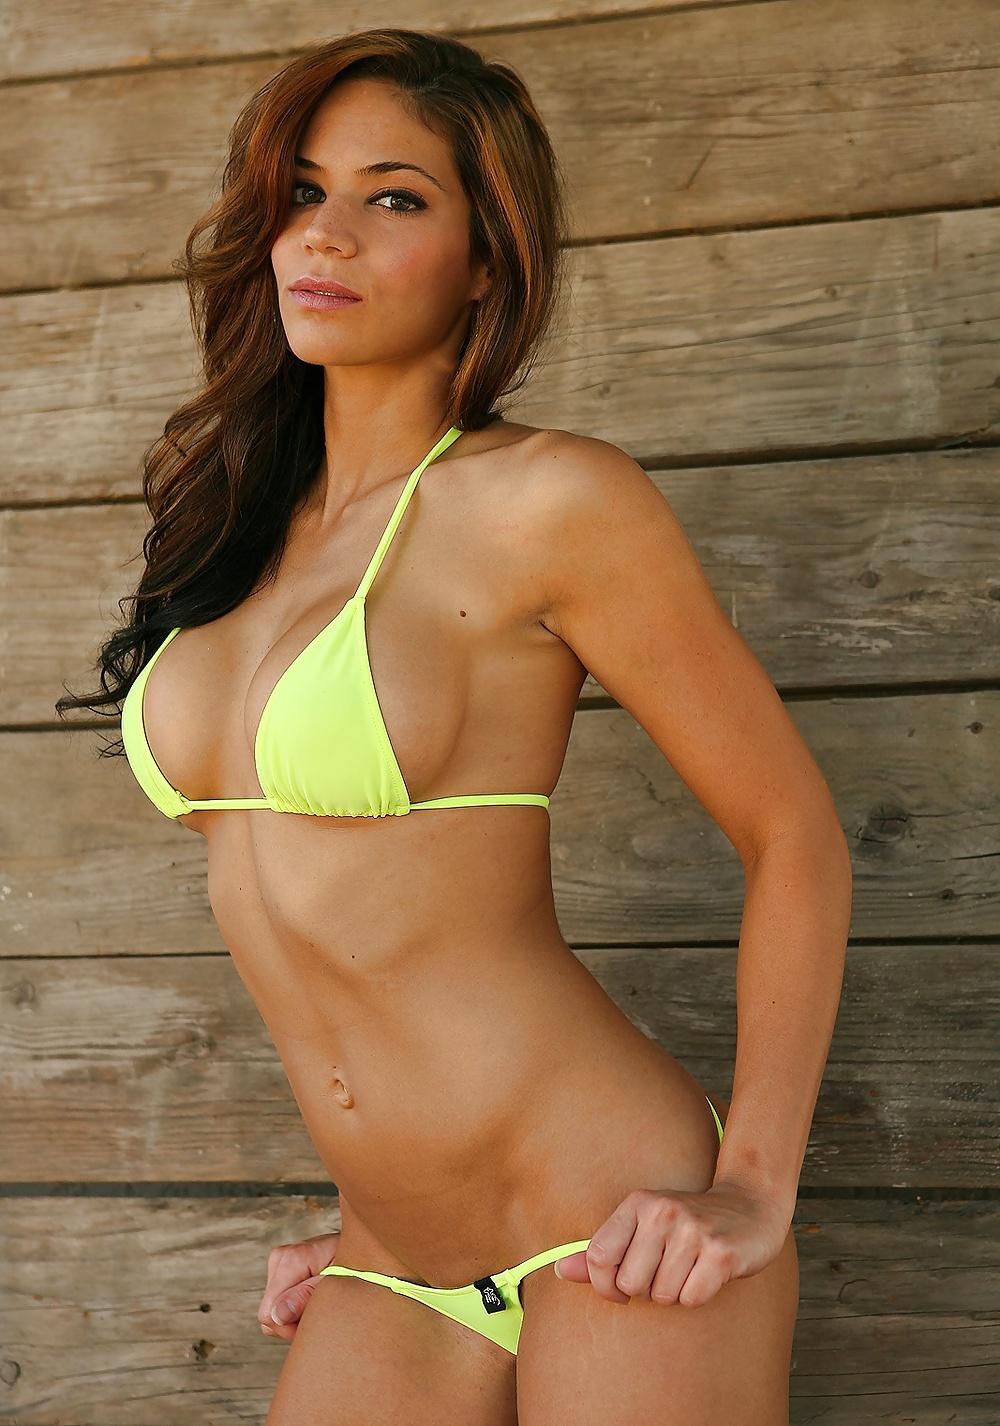 Hottie in micro bikini